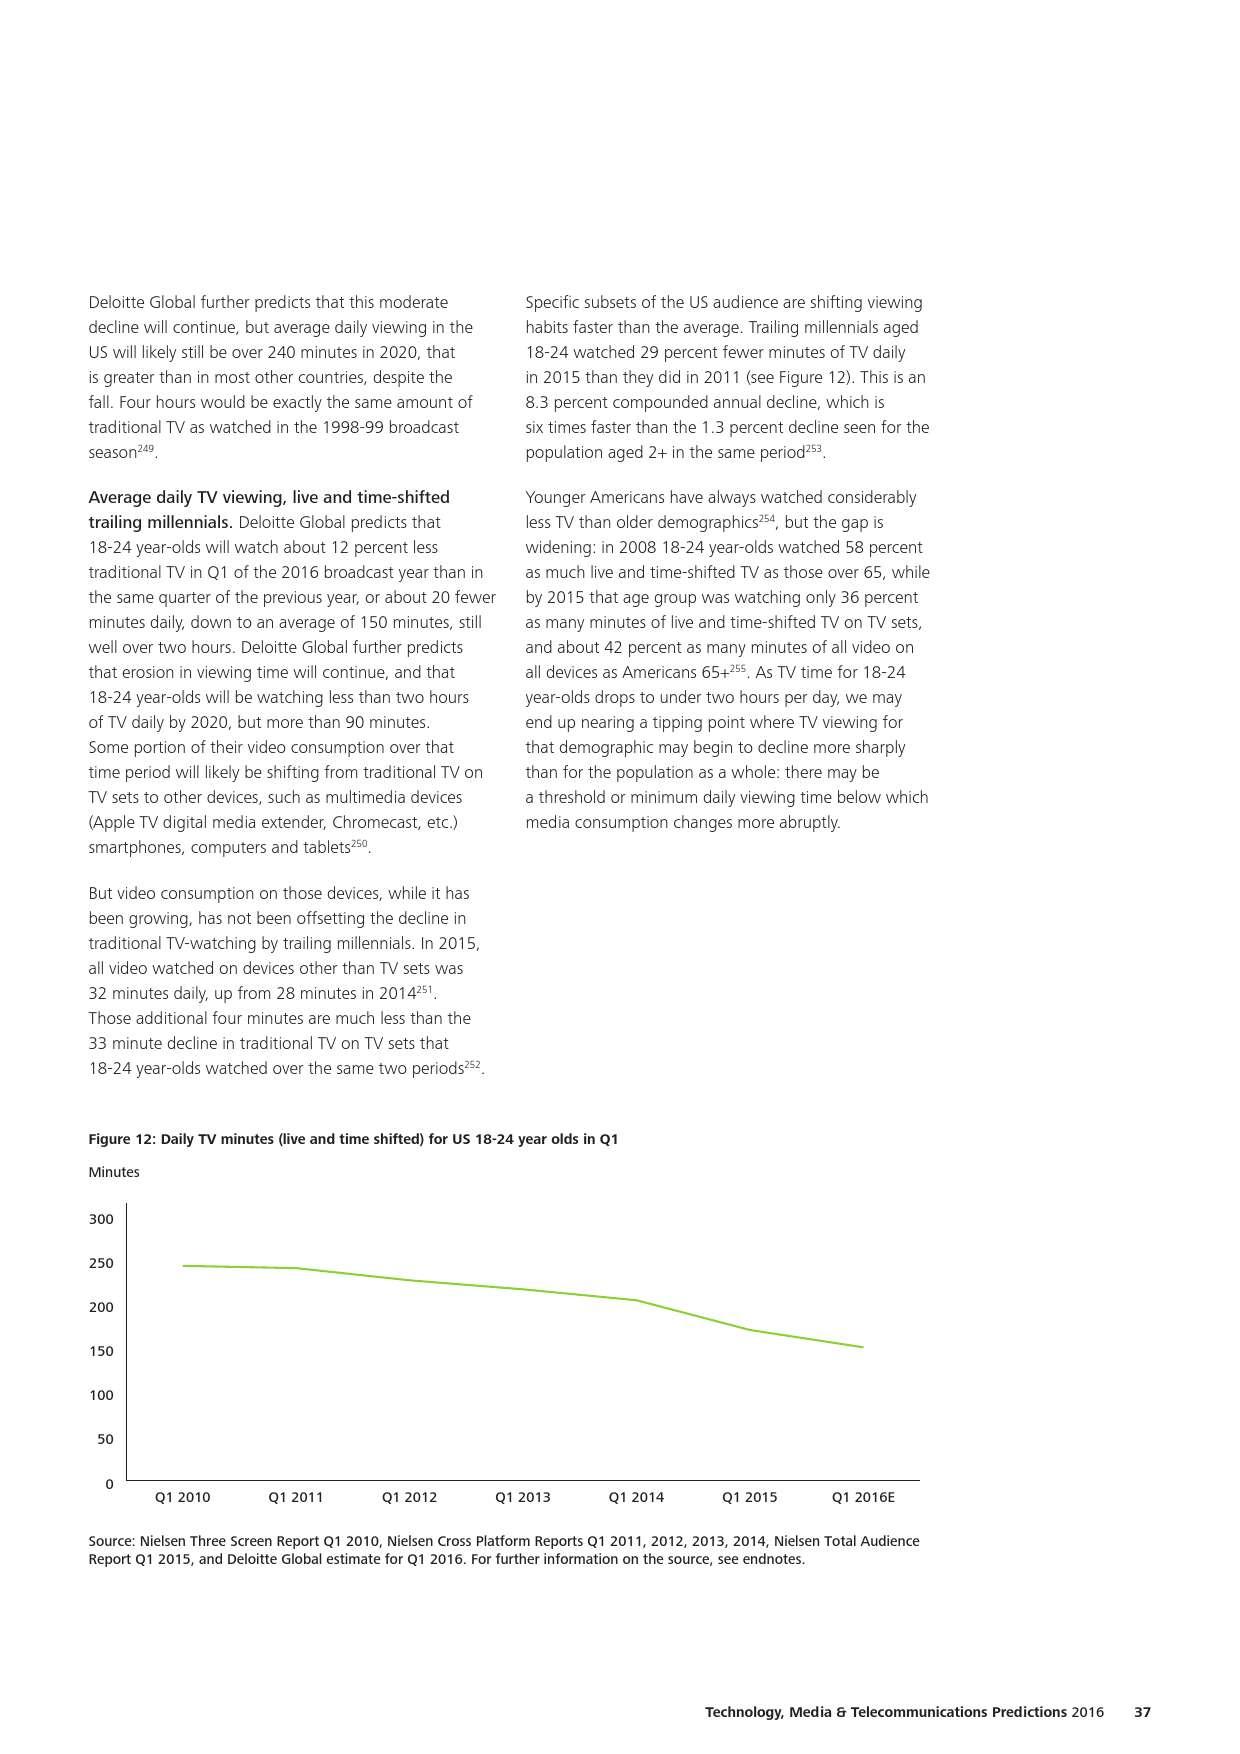 德勤:2016科技、传媒和电信行业预测_000039